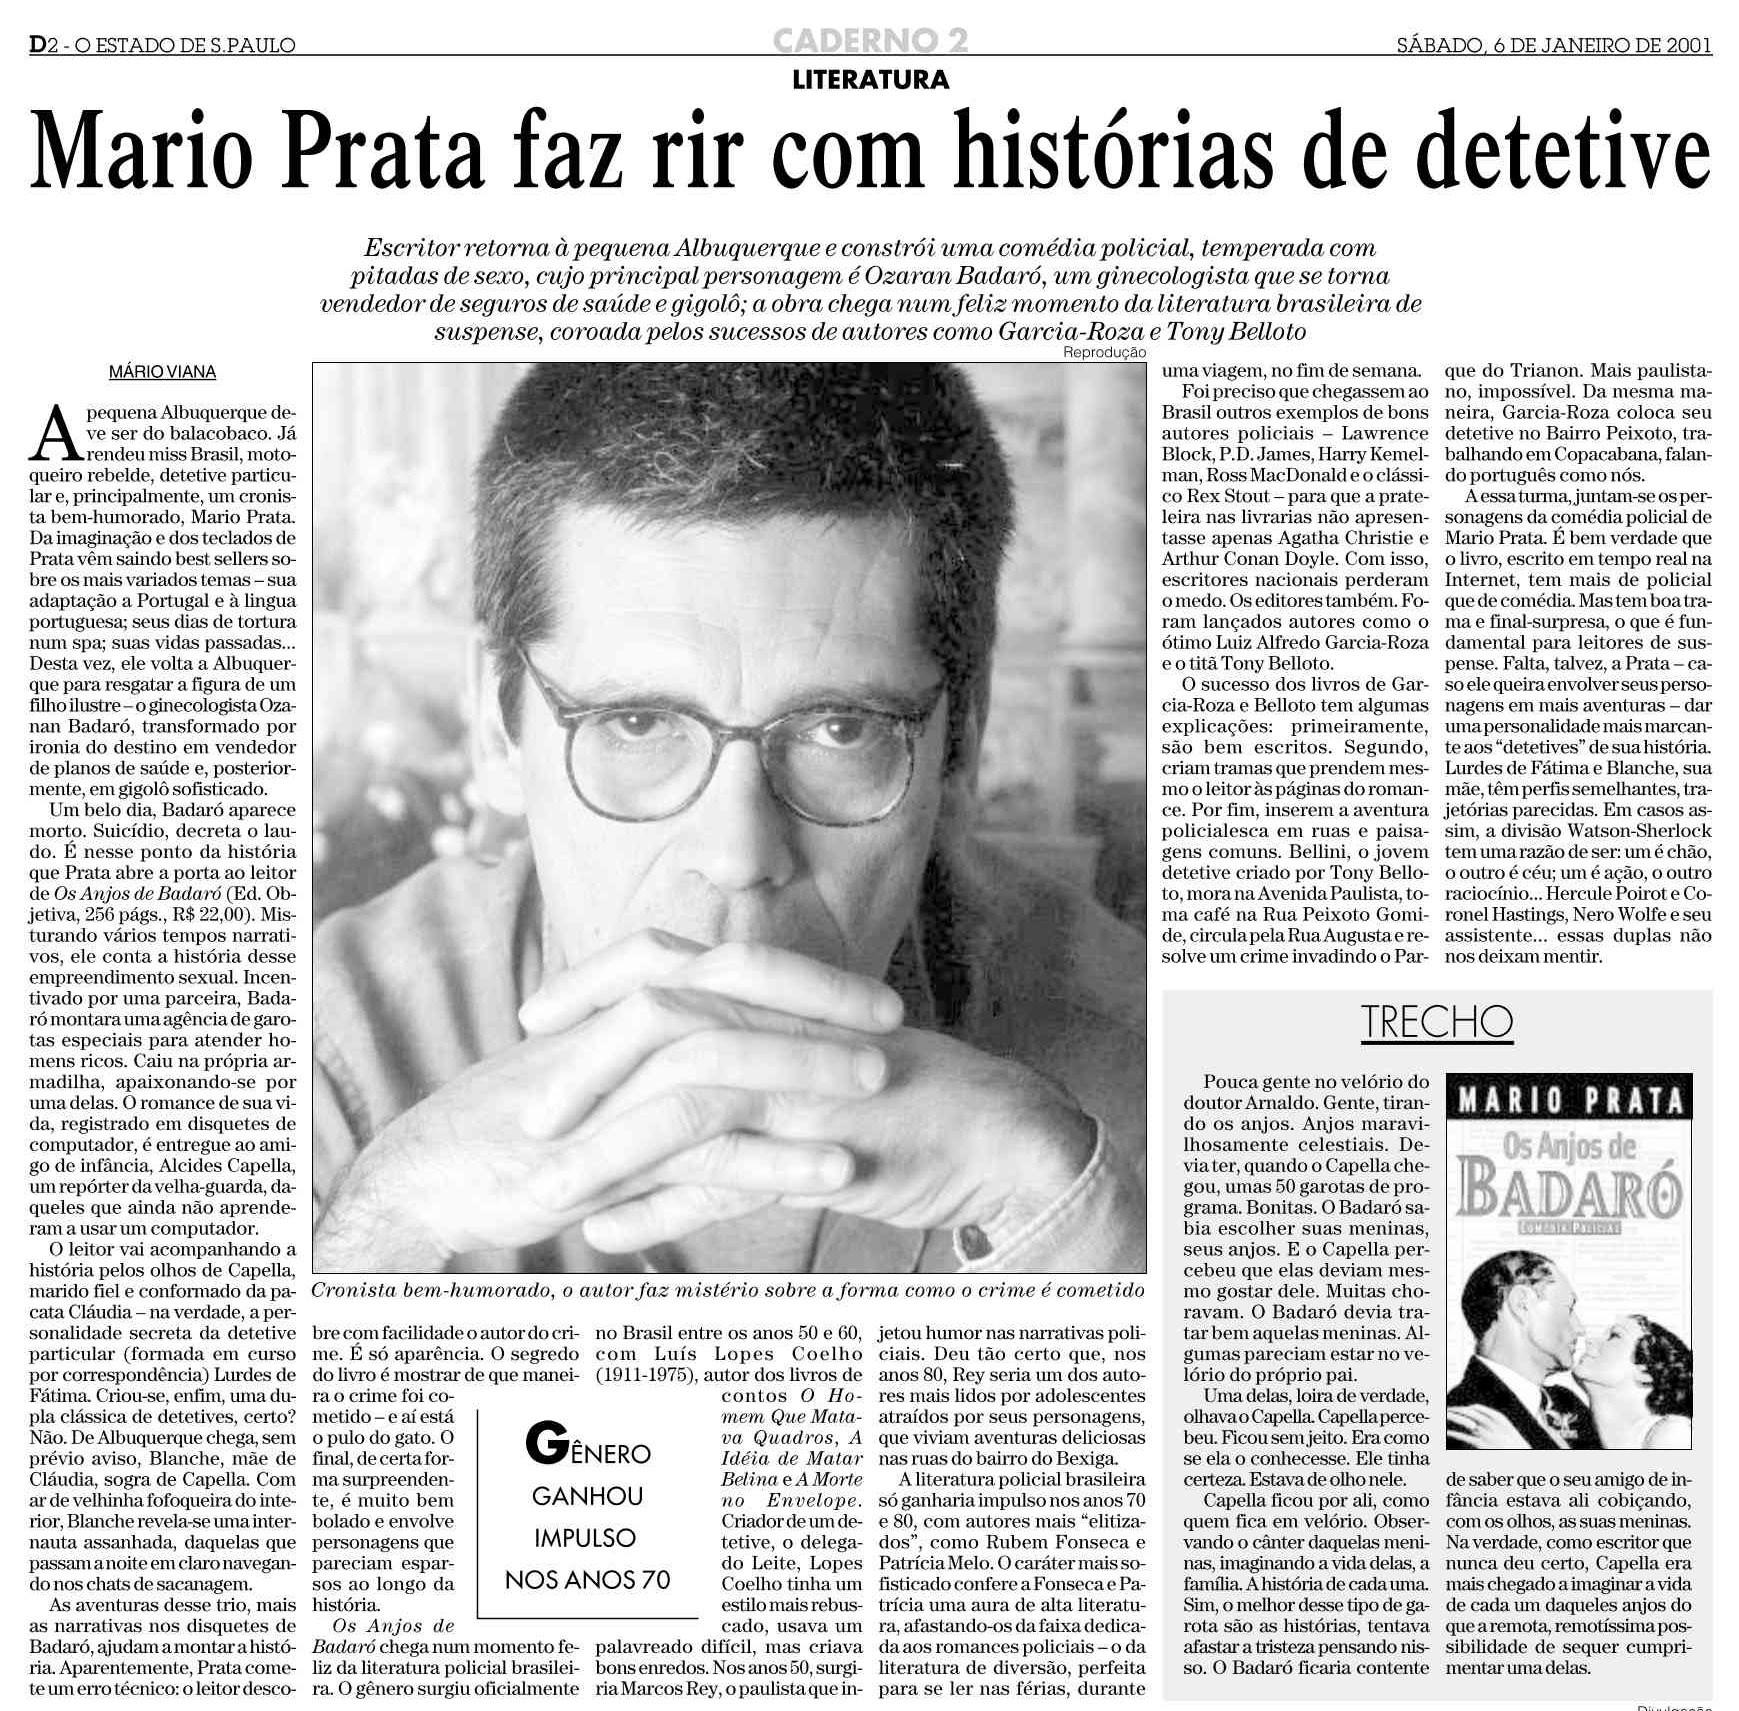 crítica_estadao_badaro2